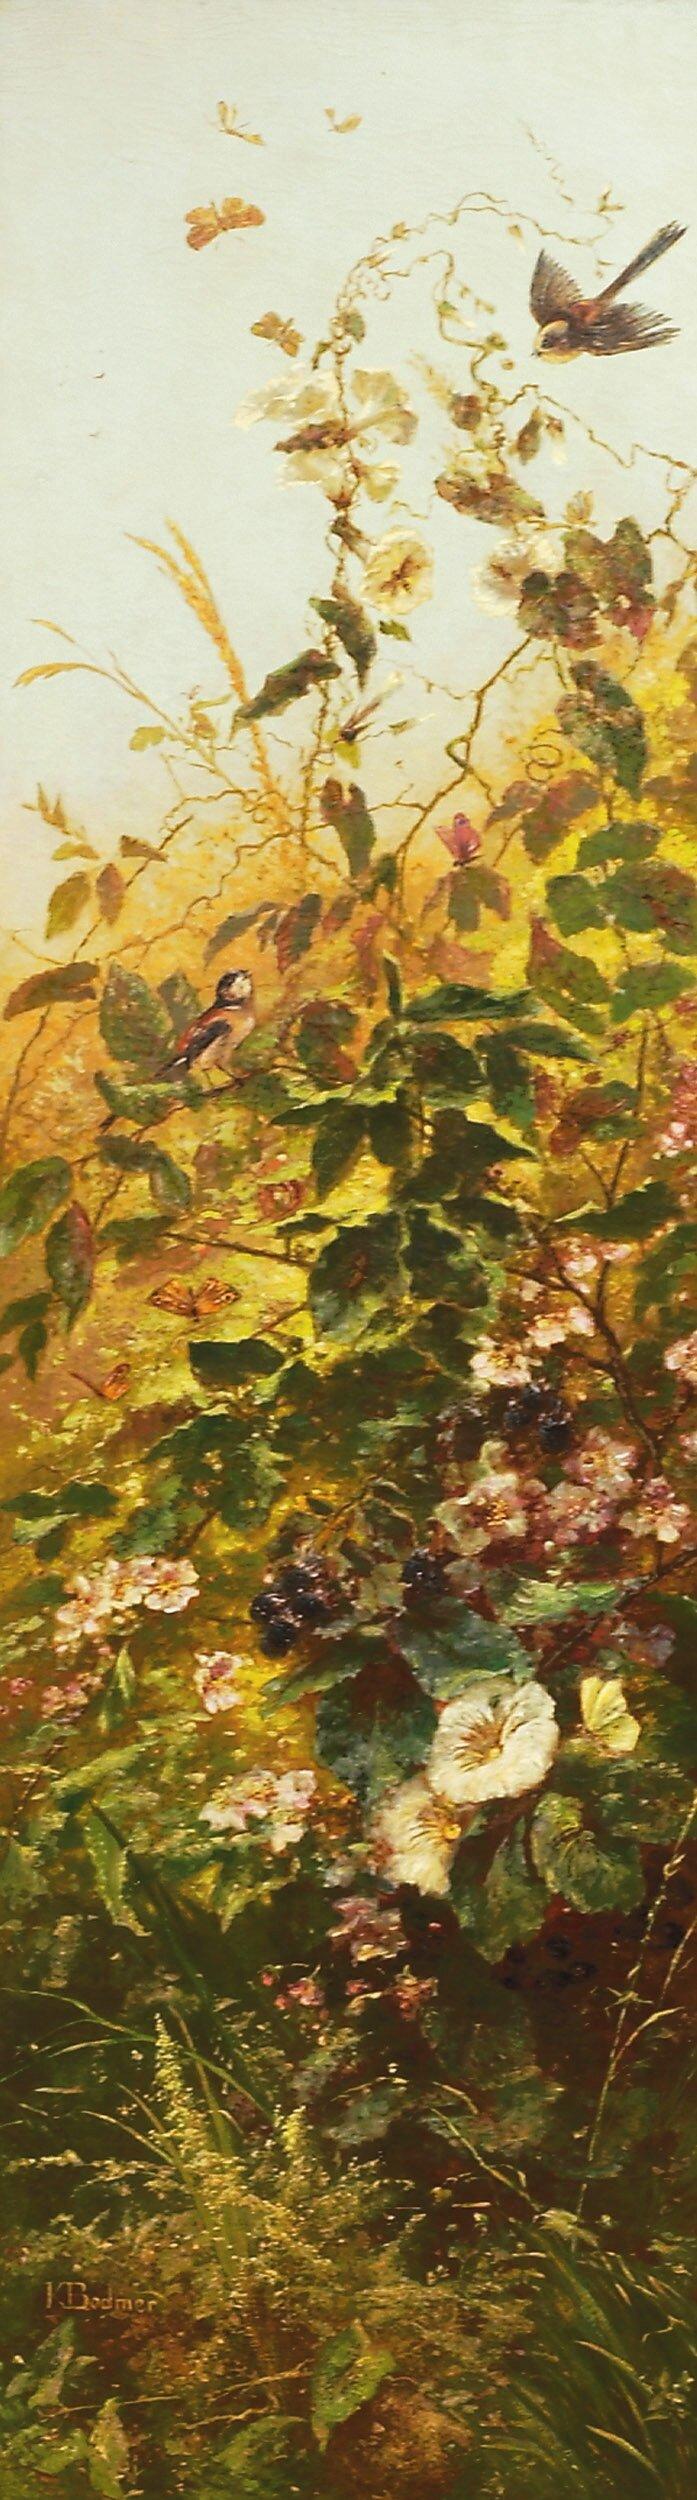 Blomster, fugler og sommerfugler